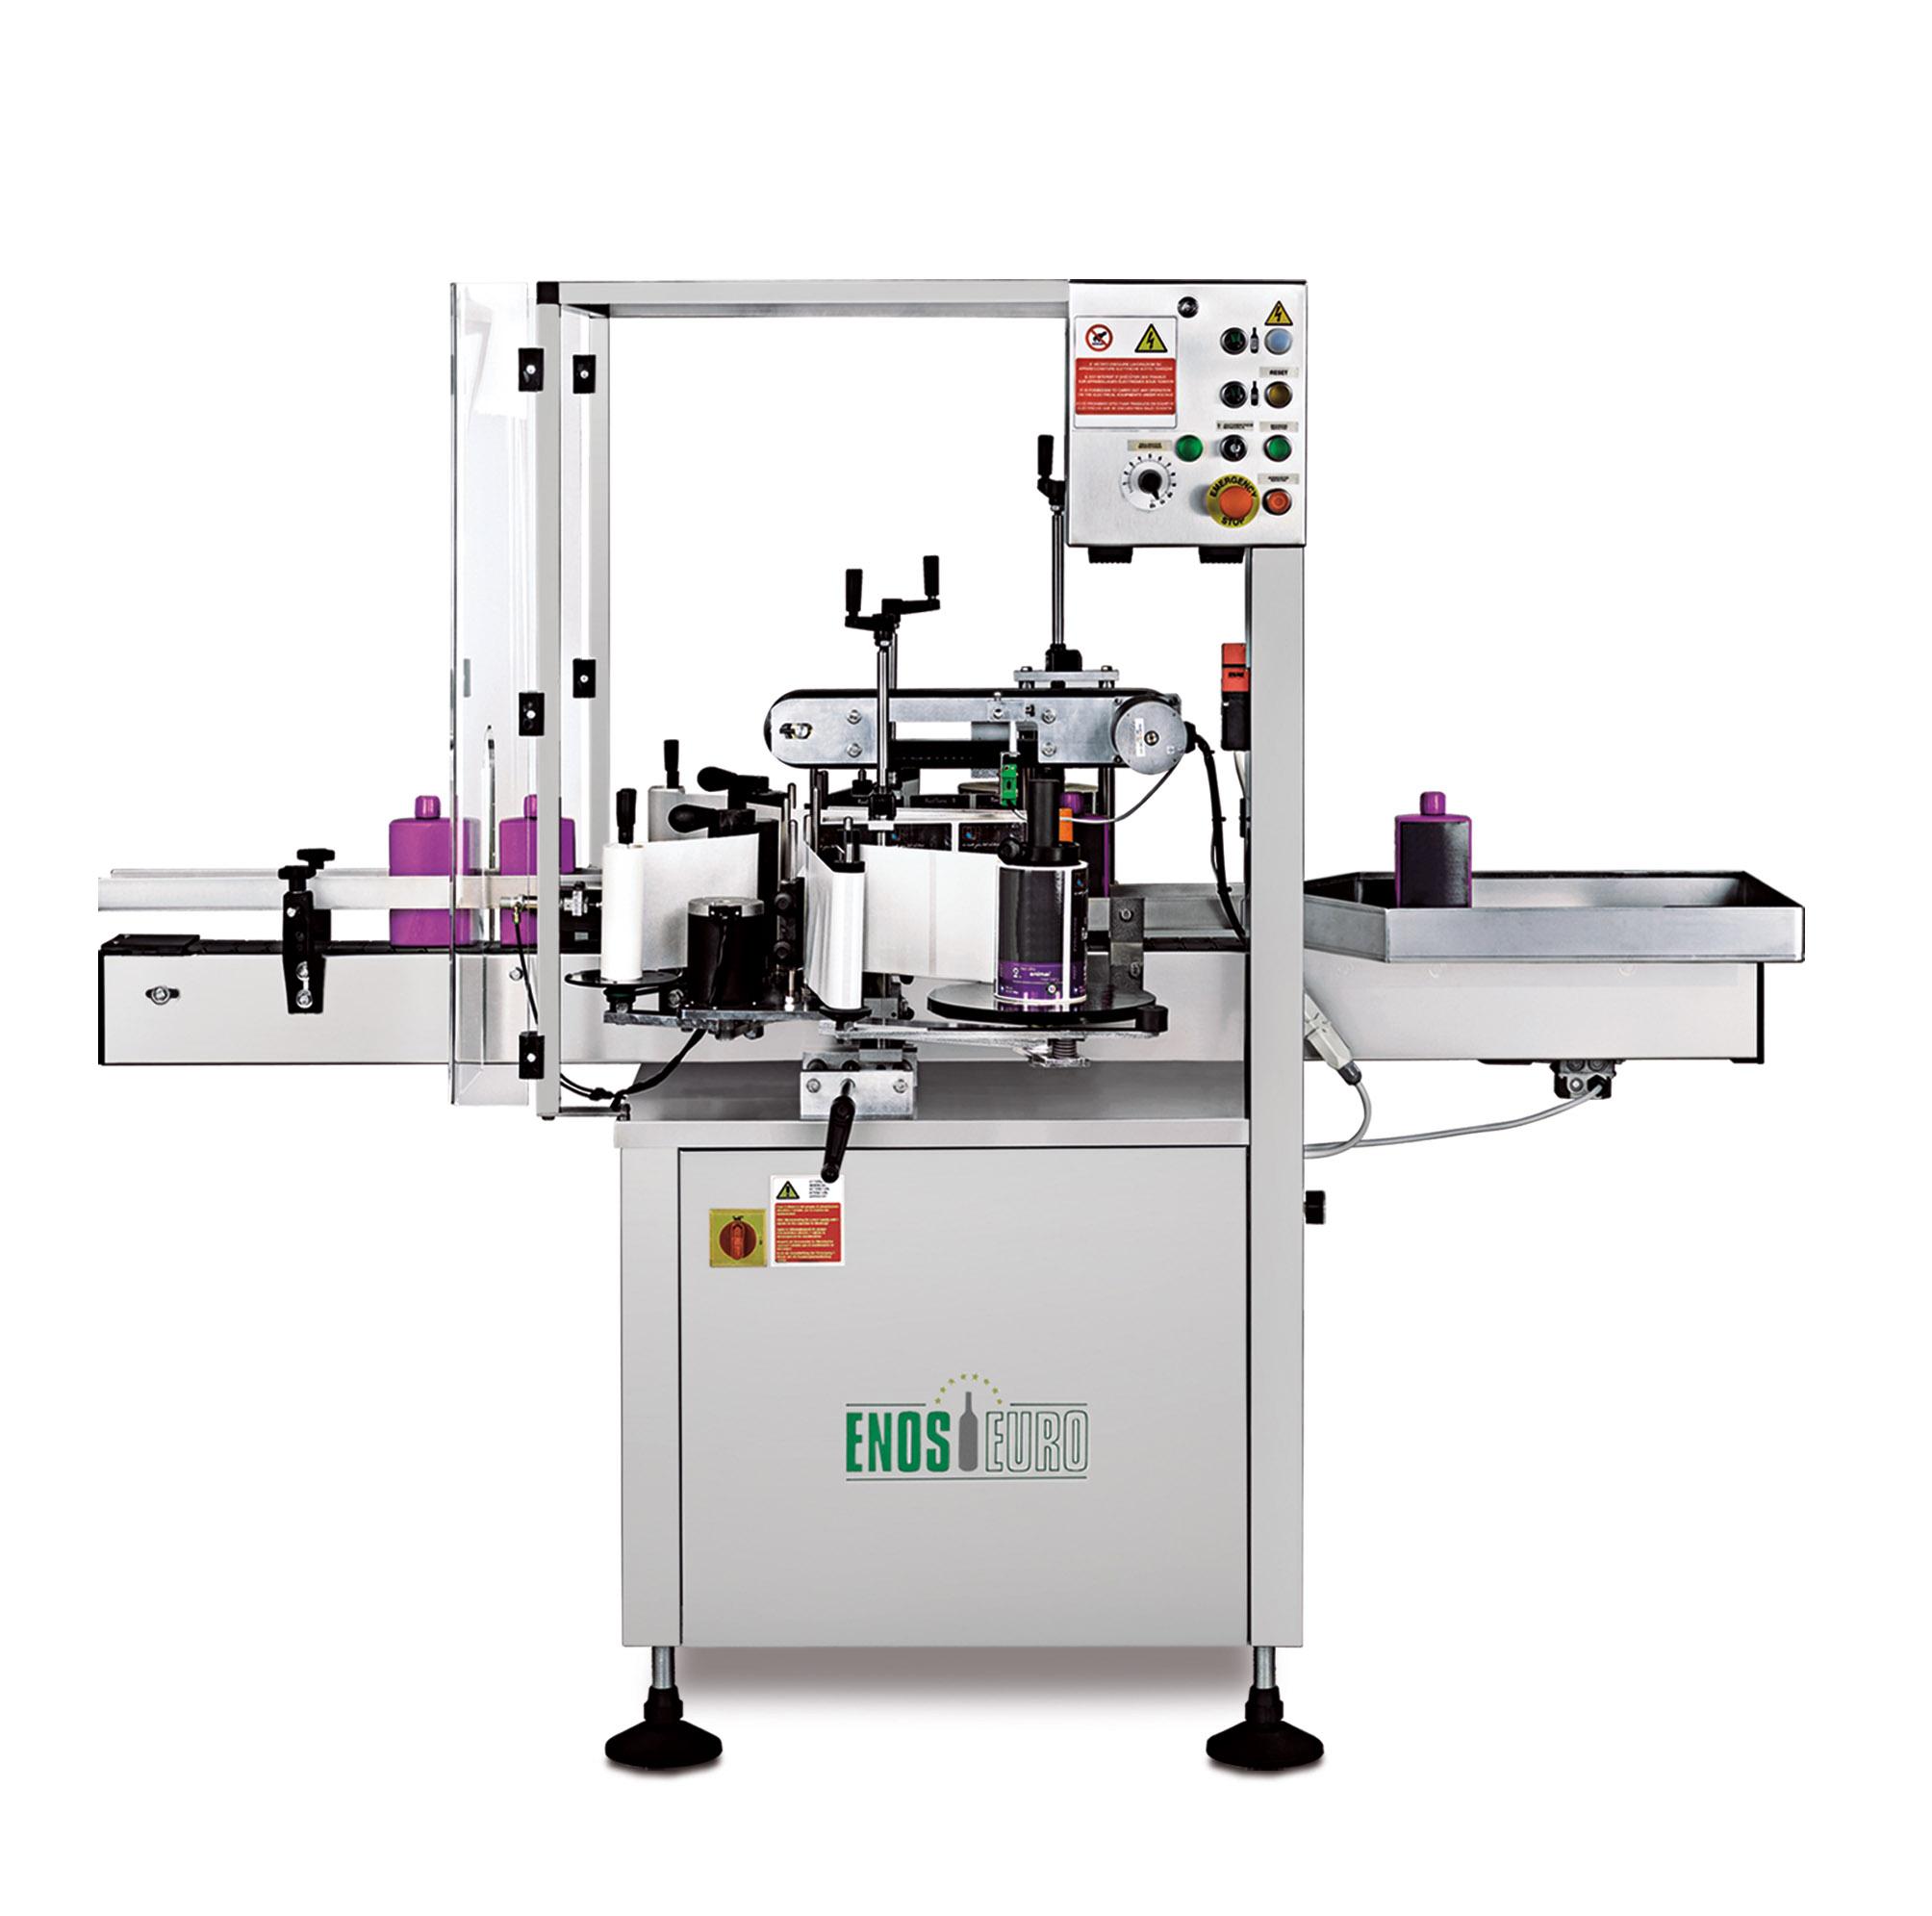 Enos C4000 Labeller